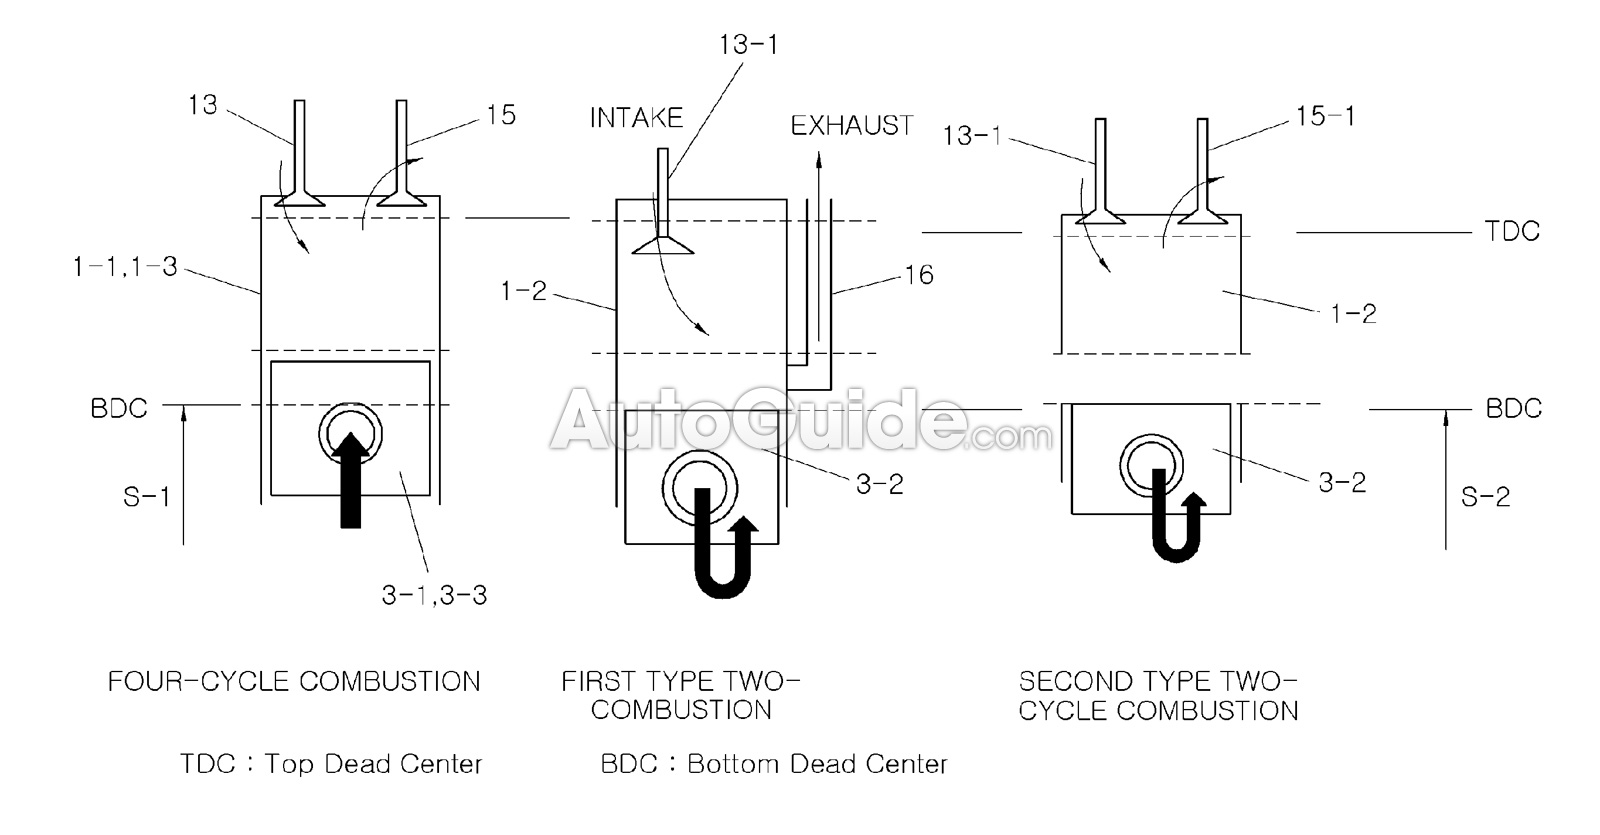 Hyundai_Patent_Engine_04